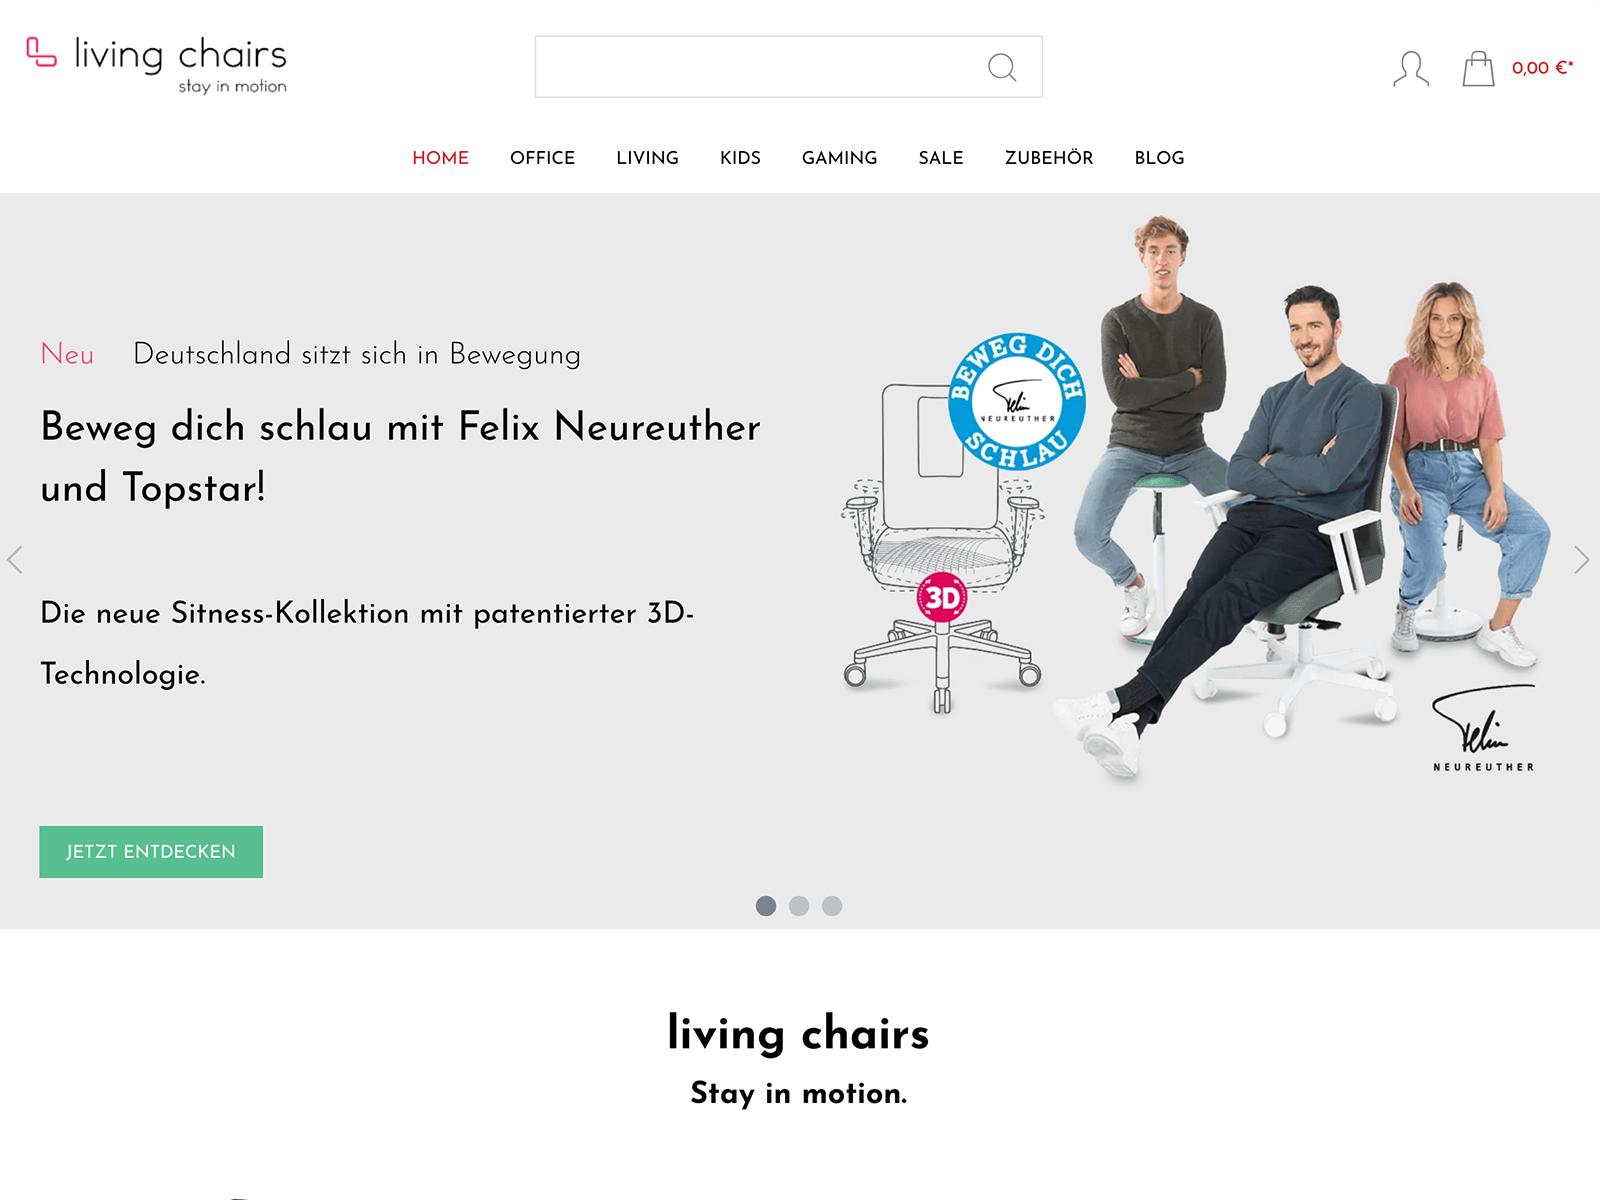 Magento 2 Shopentwickung für Chairmarkt AG